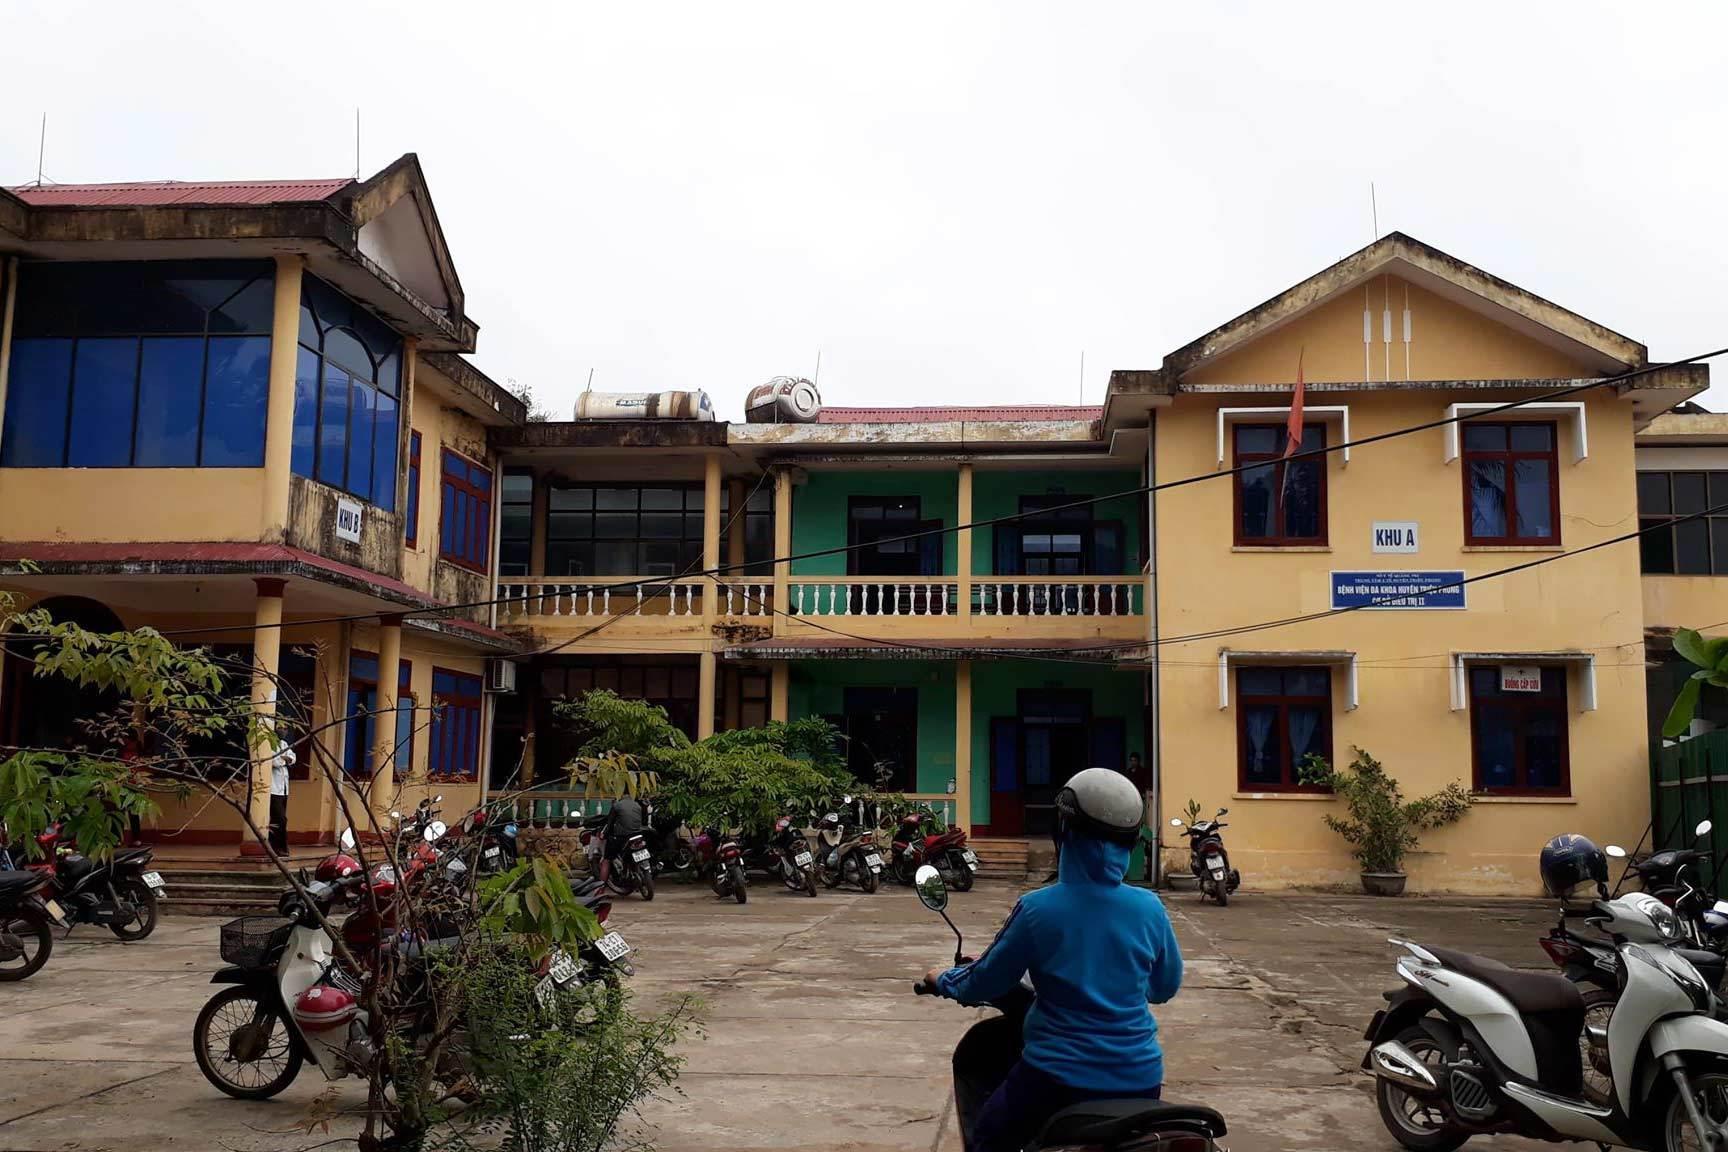 Vụ nữ sinh 16 tuổi nghi bị hiếp dâm tập thể ở Quảng Trị: Nạn nhân uống 2 ly rượu rồi không nhớ gì - Ảnh 1